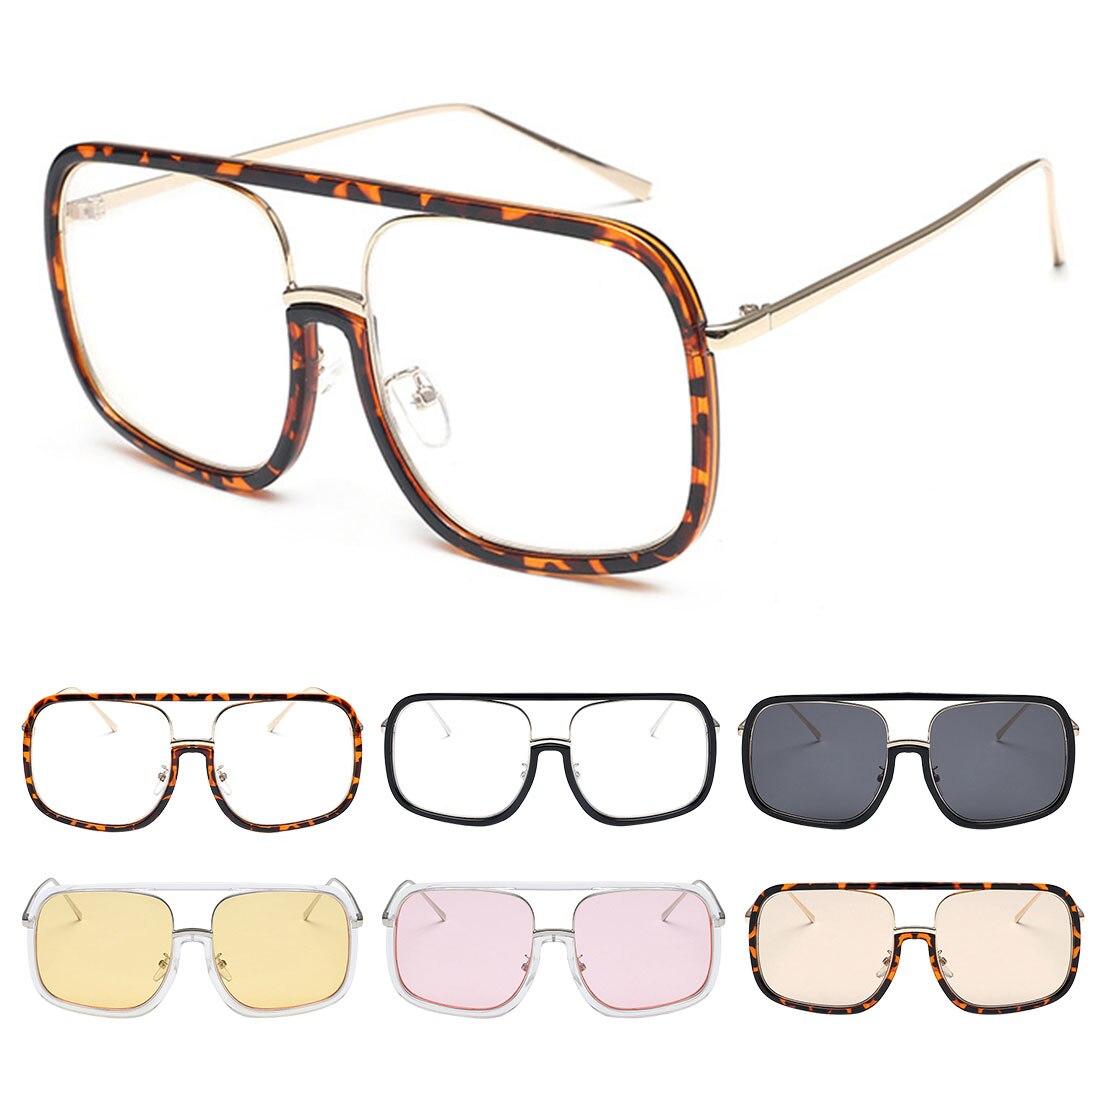 1Pcs Ladies Square Glasses Frames Women Transparent Pink Clear Optical EyeGlasses Prescription Eyewear Computer Glasses in Men 39 s Eyewear Frames from Apparel Accessories